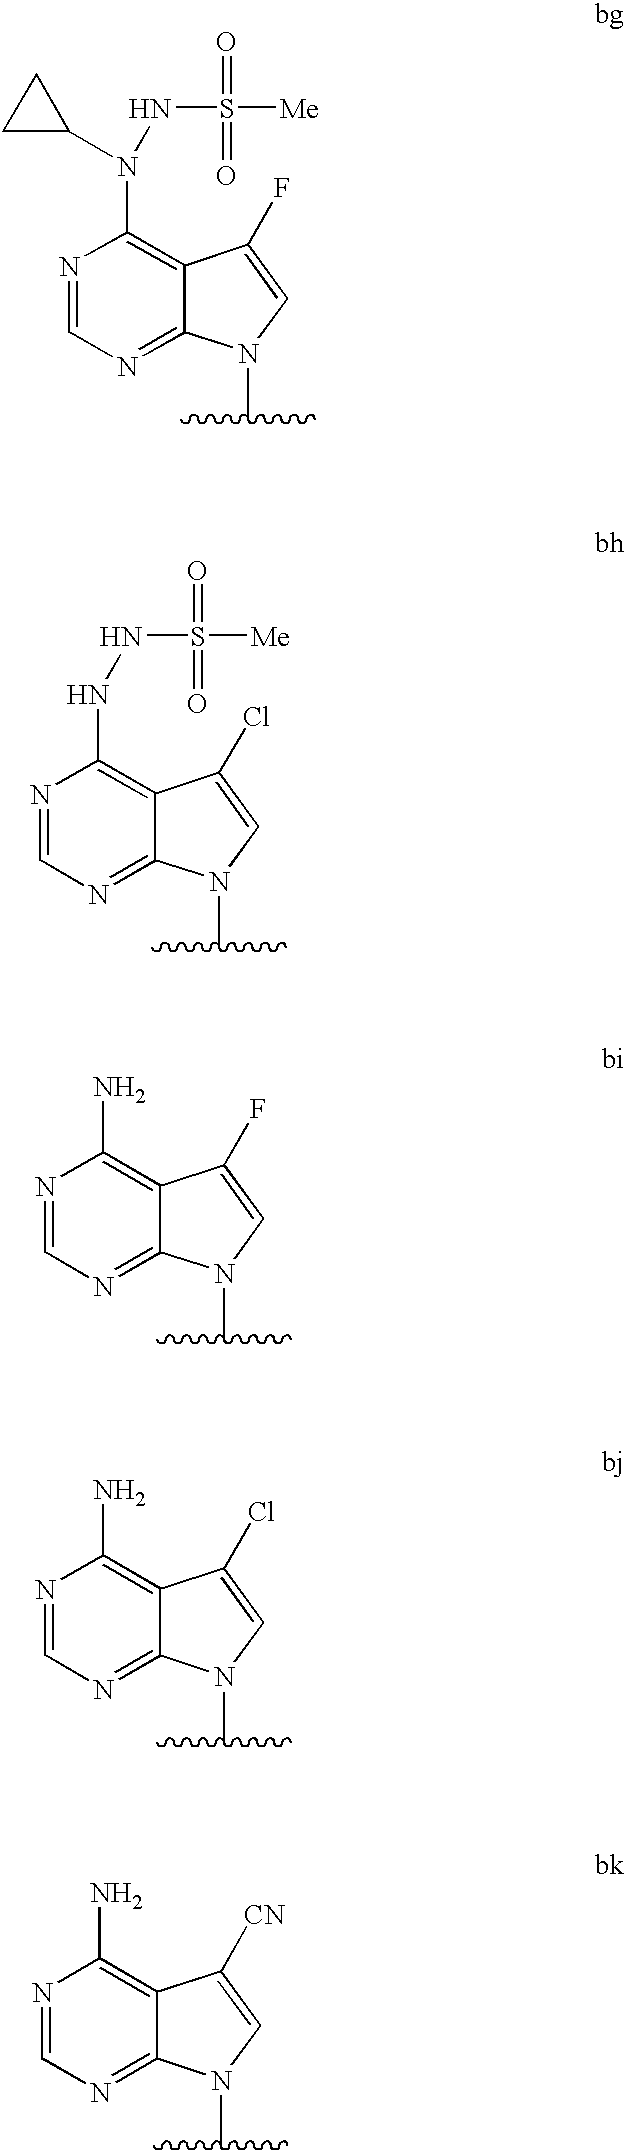 Figure US08173621-20120508-C00044